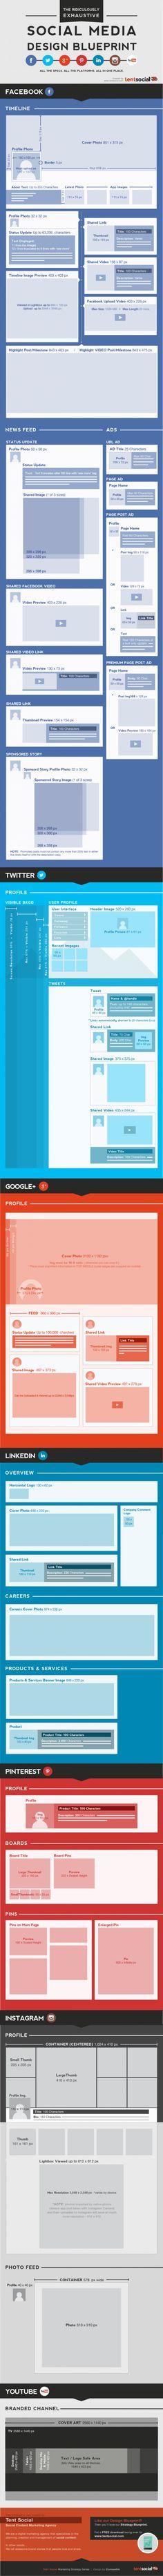 Infographie : les dimensions des images sur les 7 principaux médias sociaux (octobre 2013) By blueprint